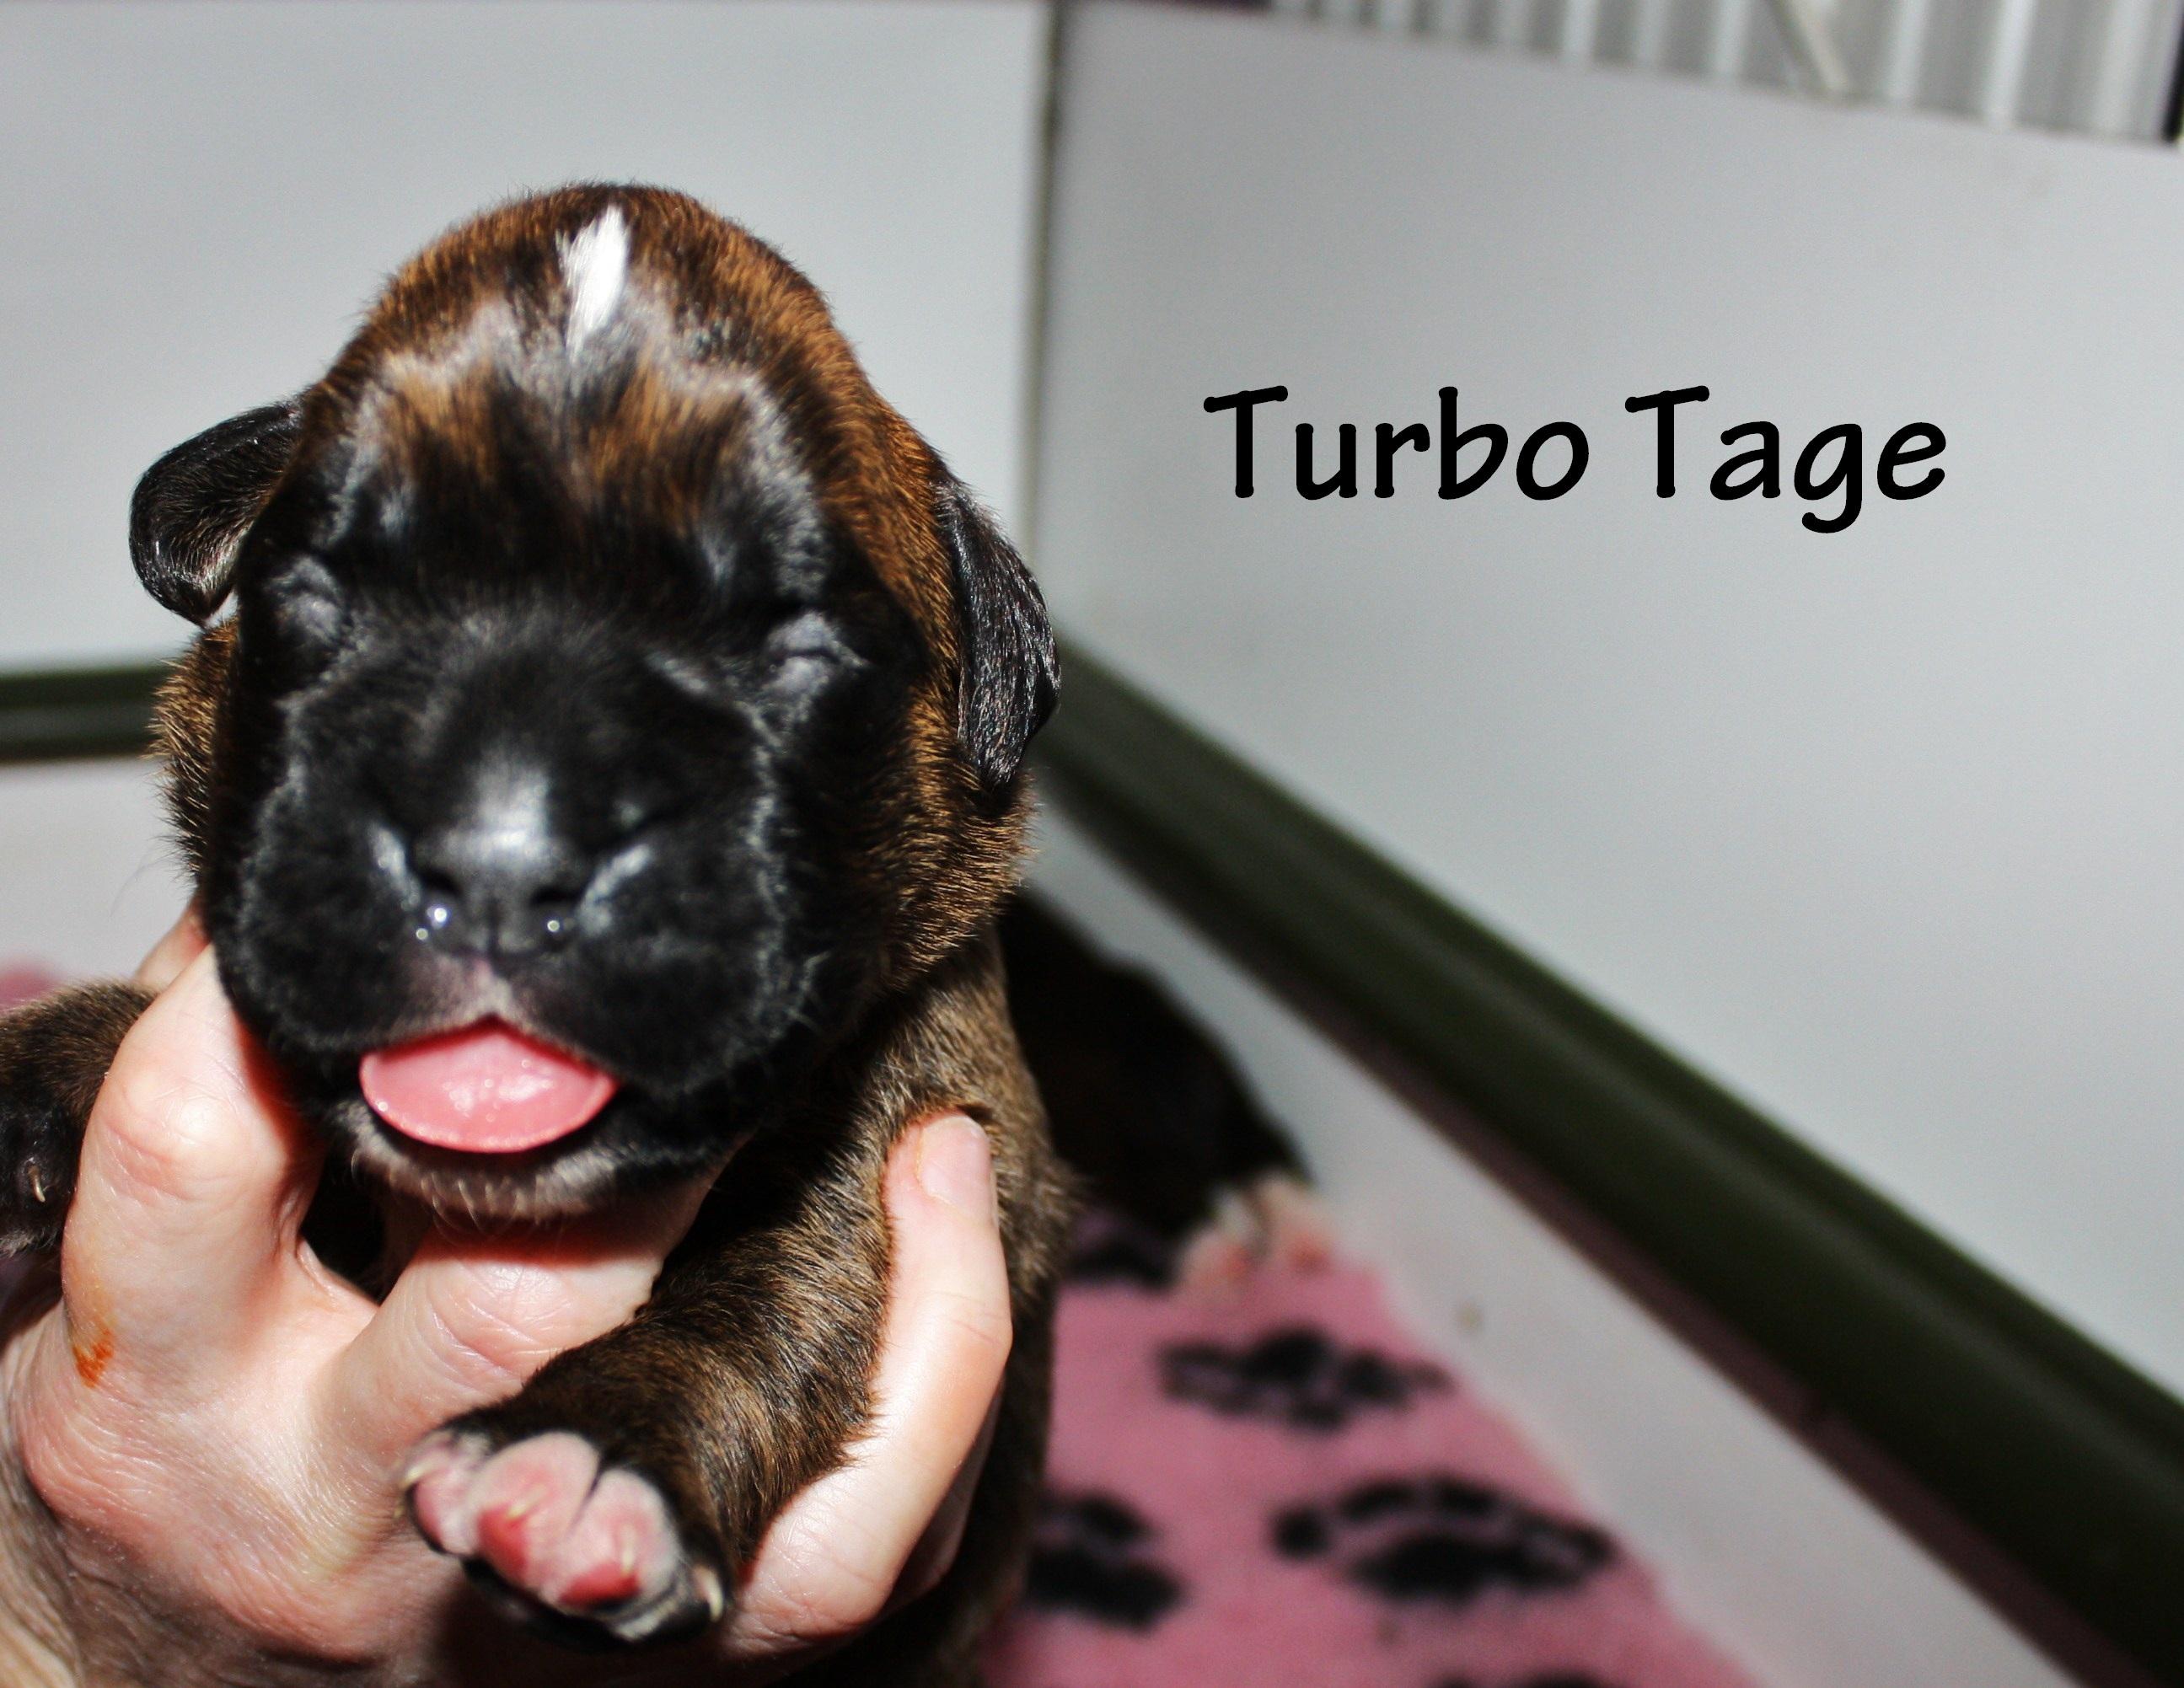 Turbo Tage